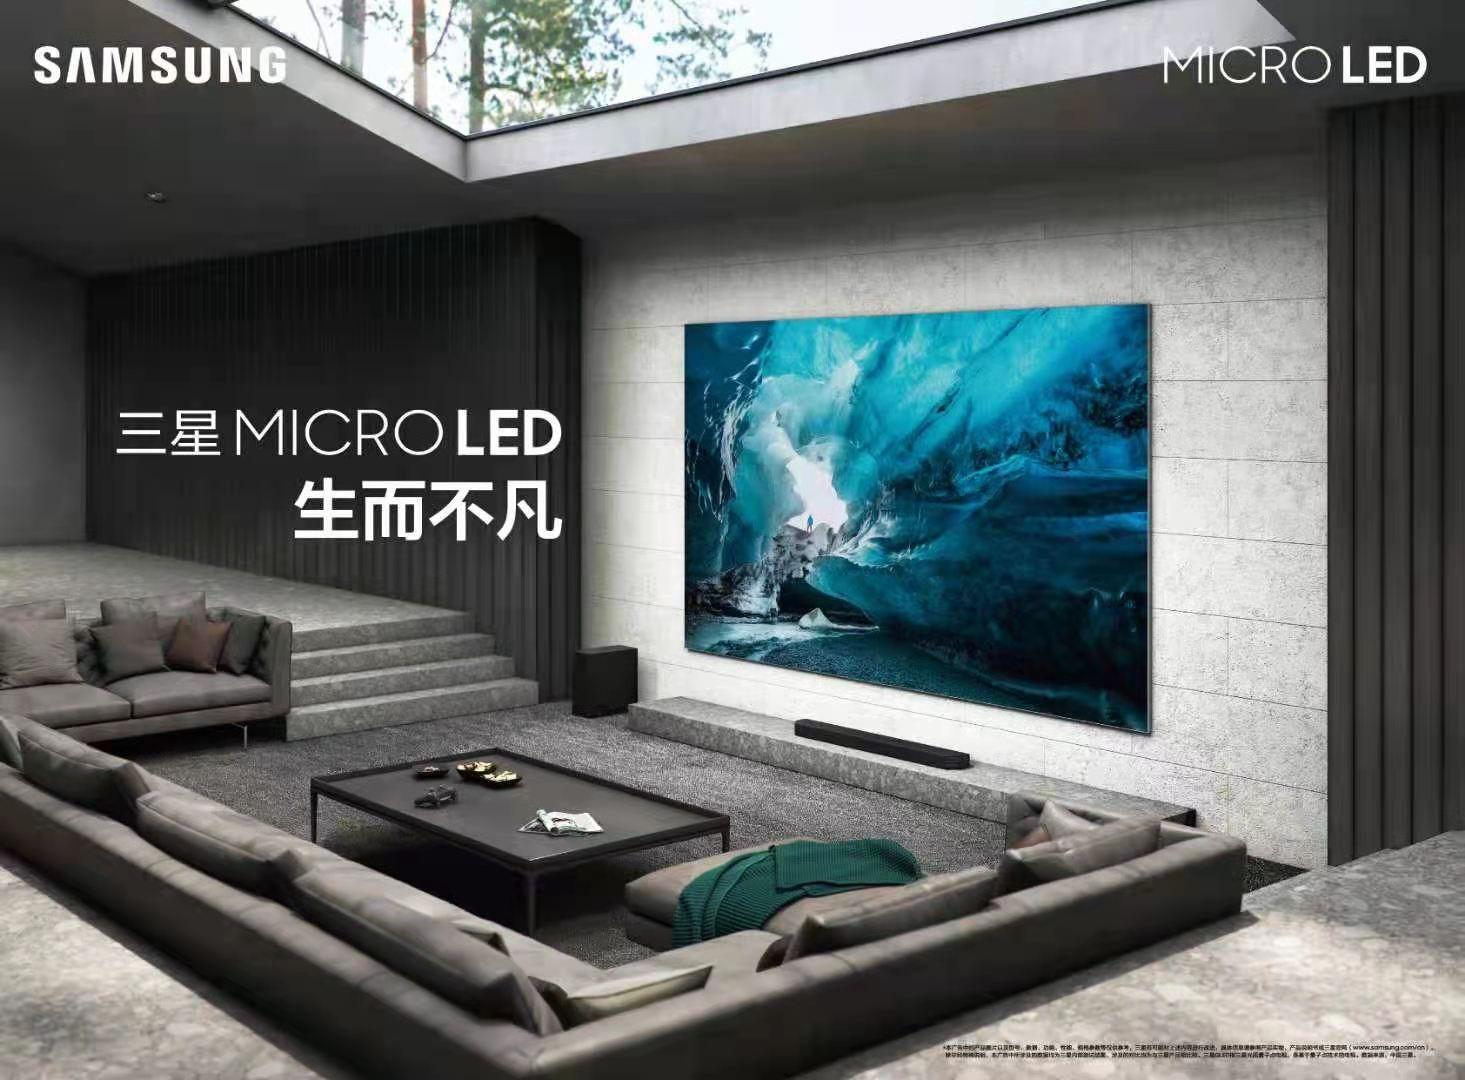 三星Micro_LED即将走入家庭_三星尖端产品带来非凡视听体验